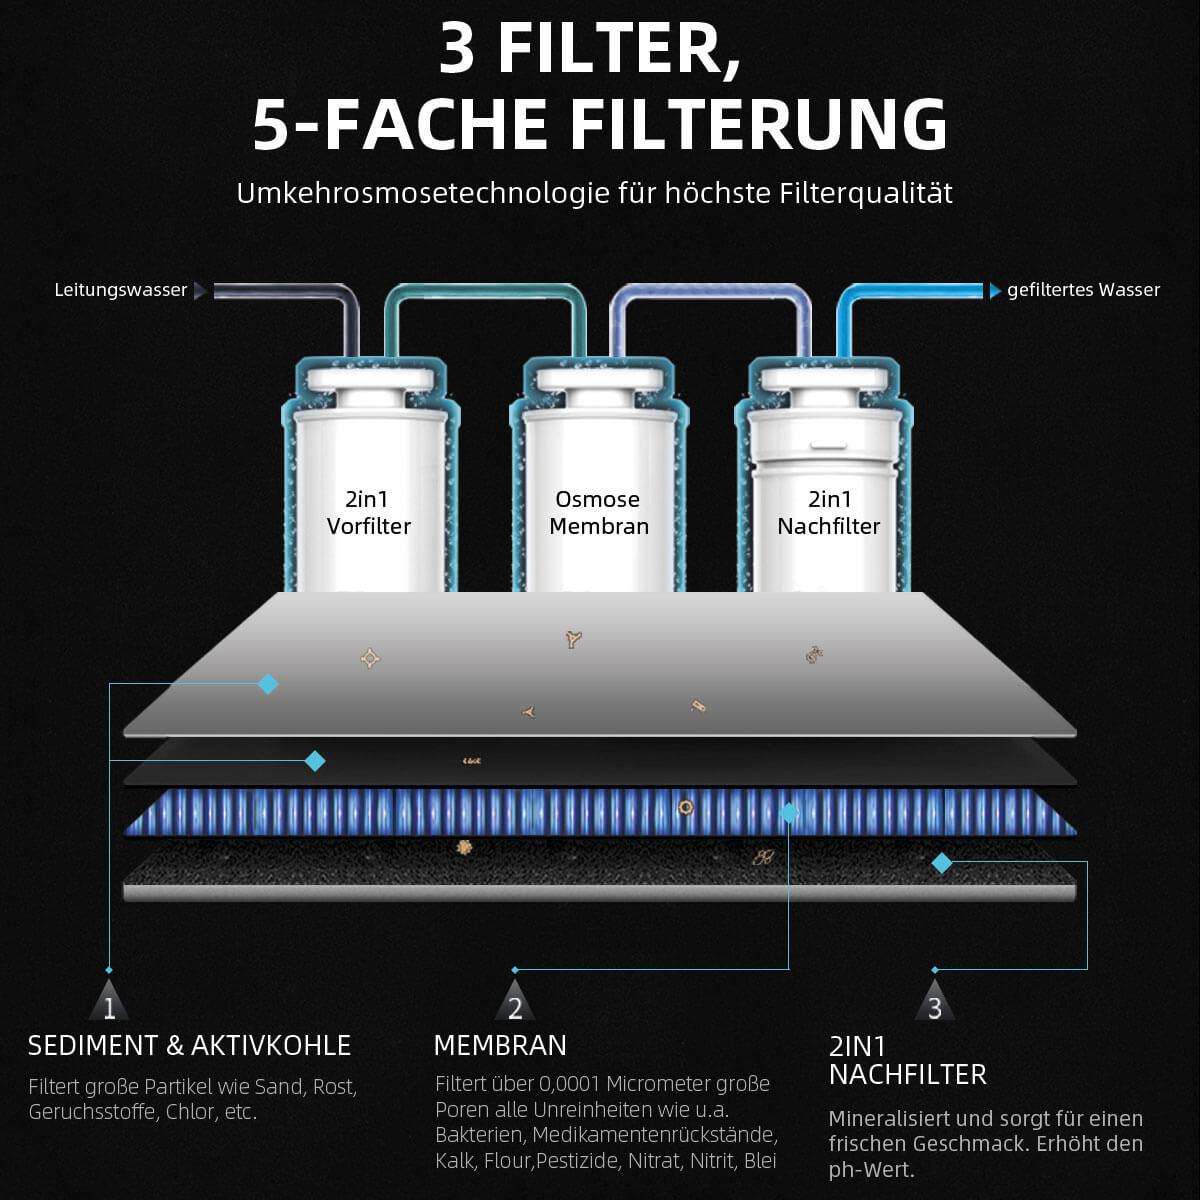 5 fach Filterung